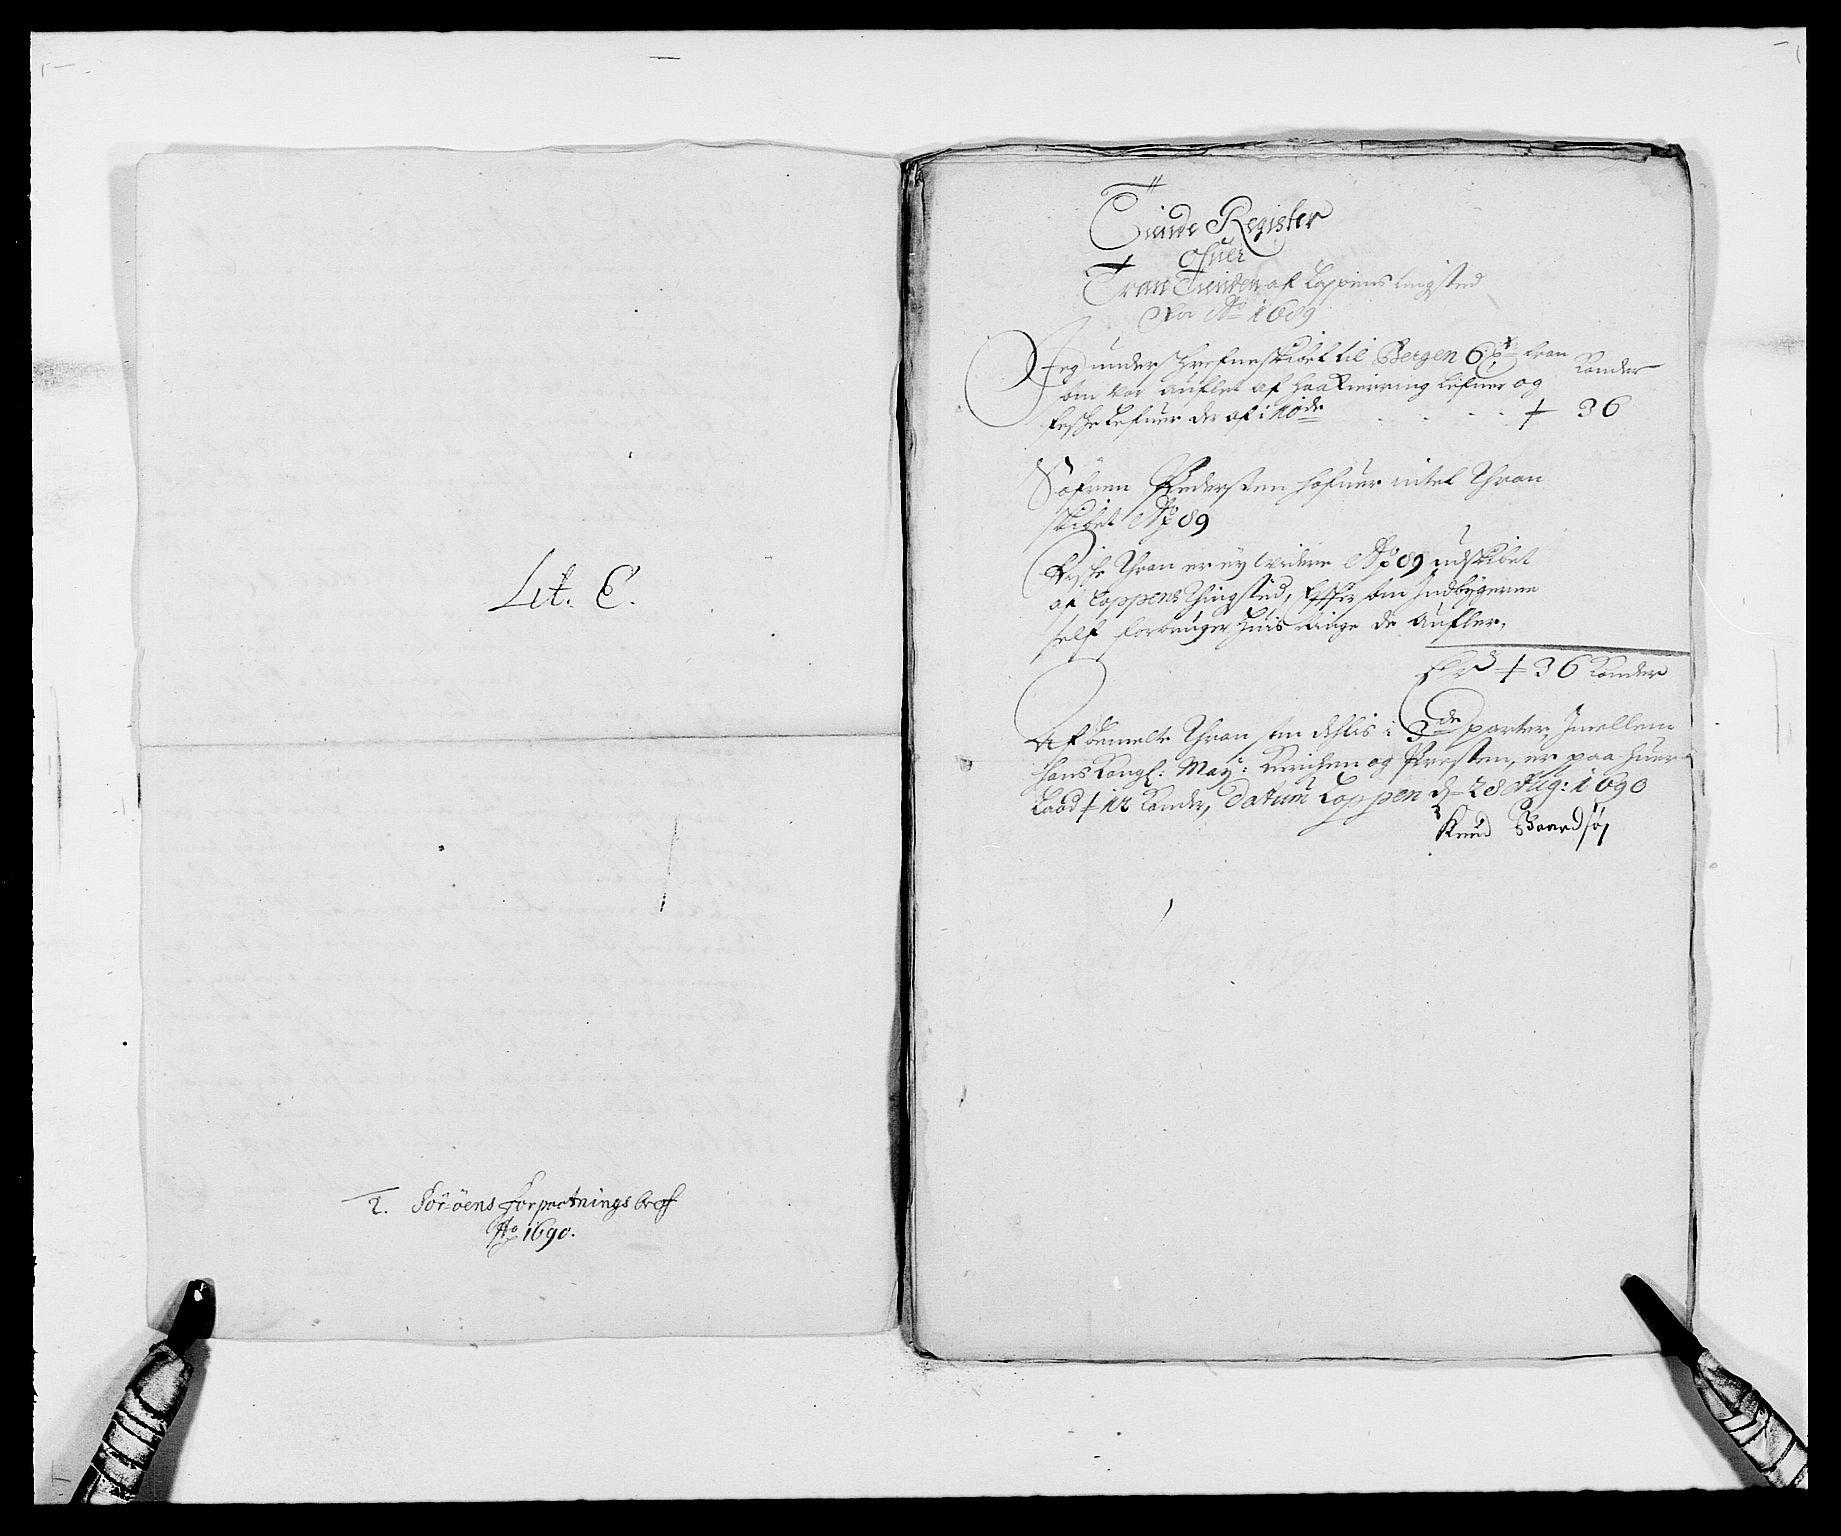 RA, Rentekammeret inntil 1814, Reviderte regnskaper, Fogderegnskap, R69/L4850: Fogderegnskap Finnmark/Vardøhus, 1680-1690, s. 233